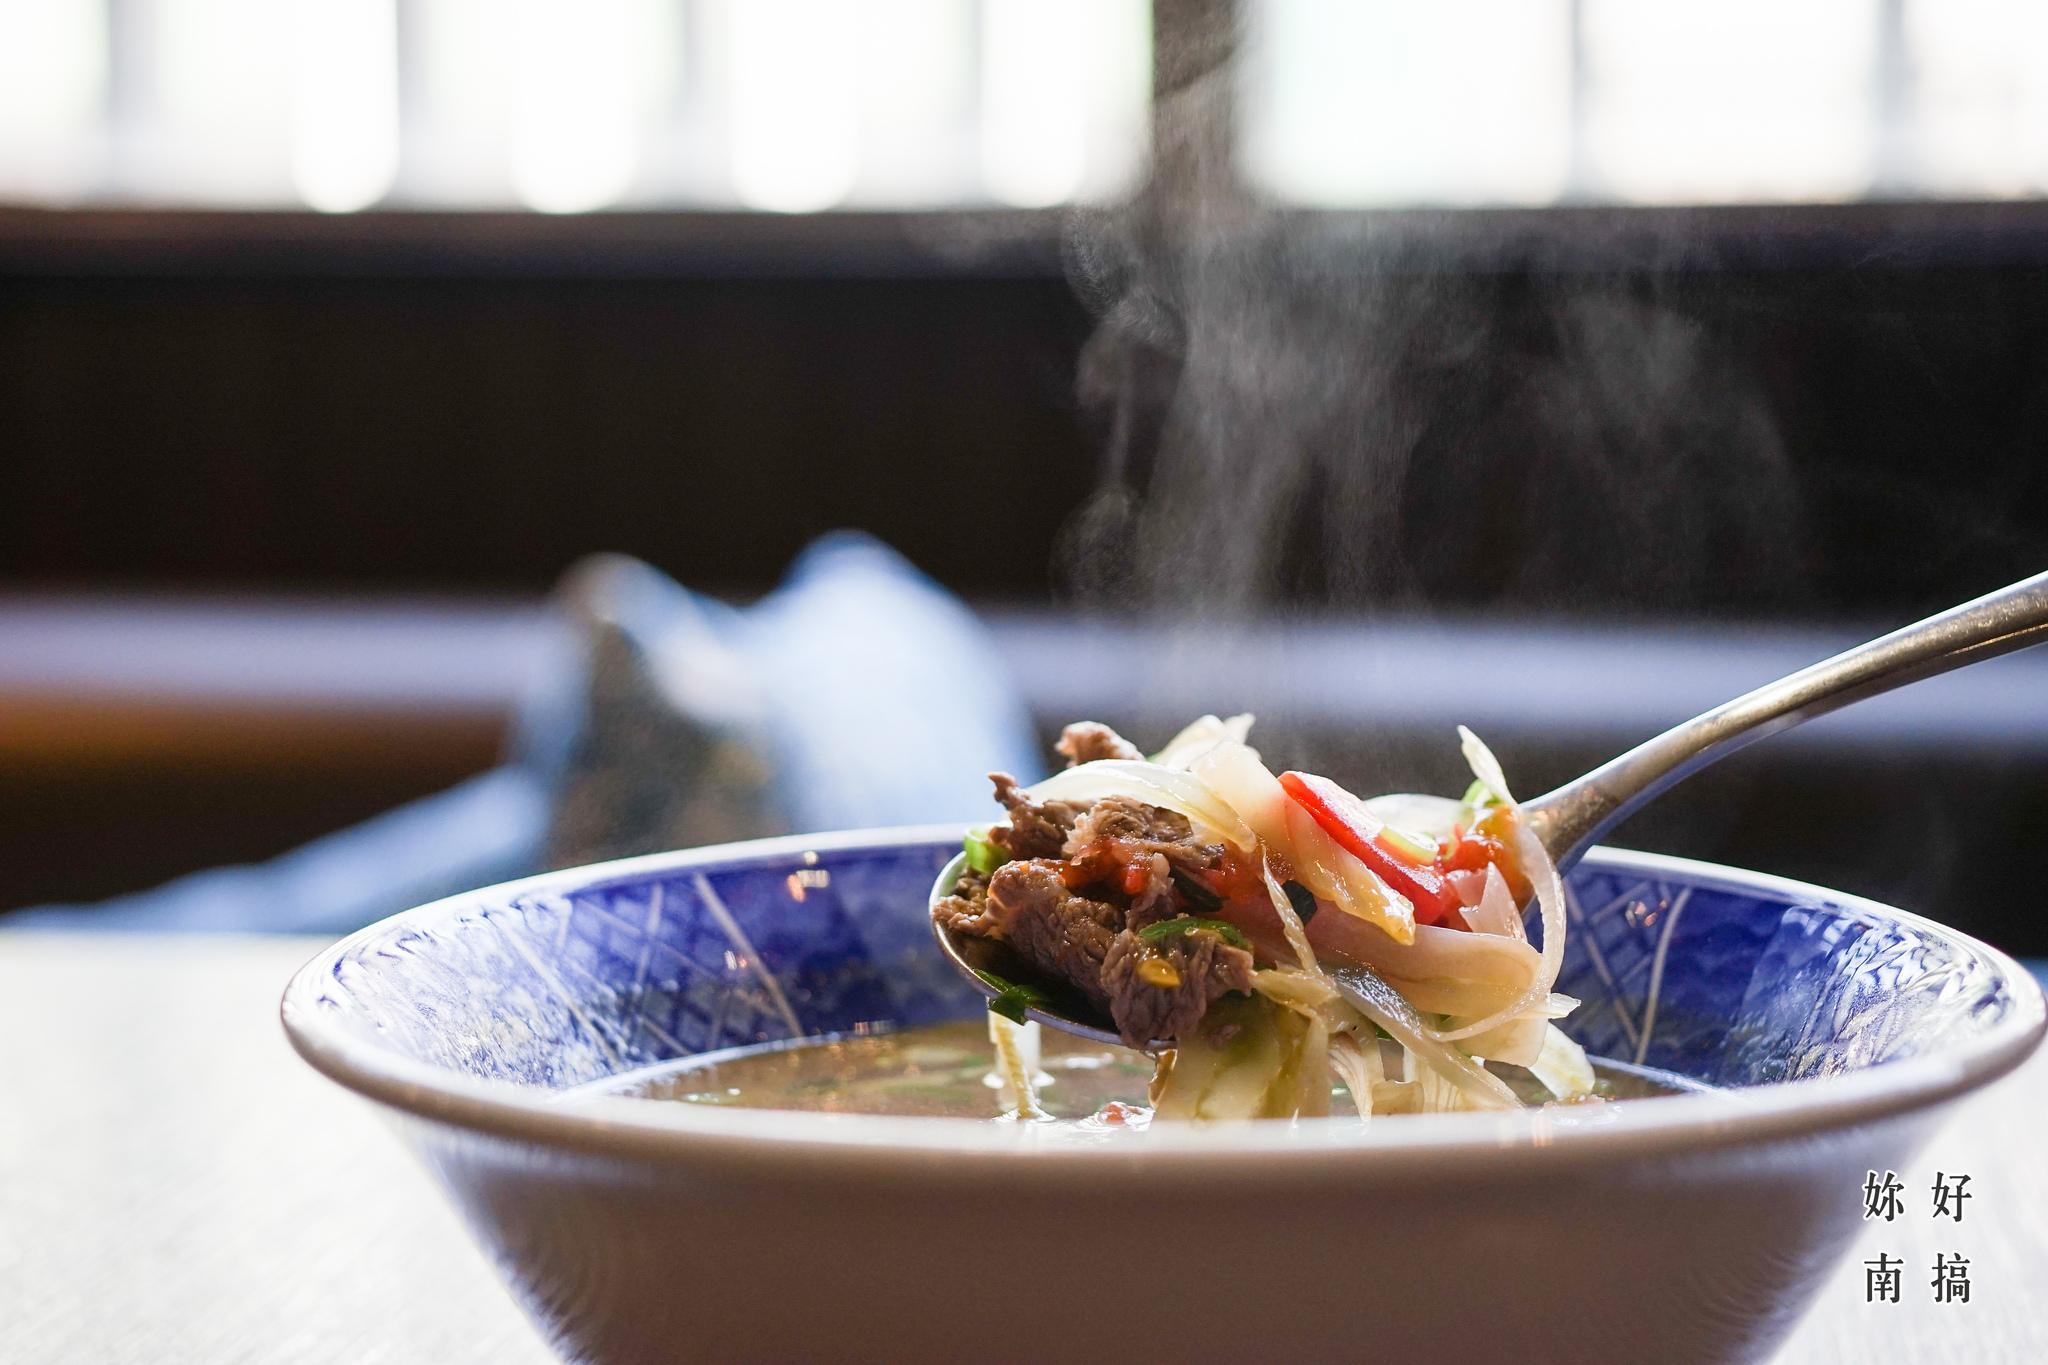 台南創意料理-cheftable開箱-10-妳好南搞